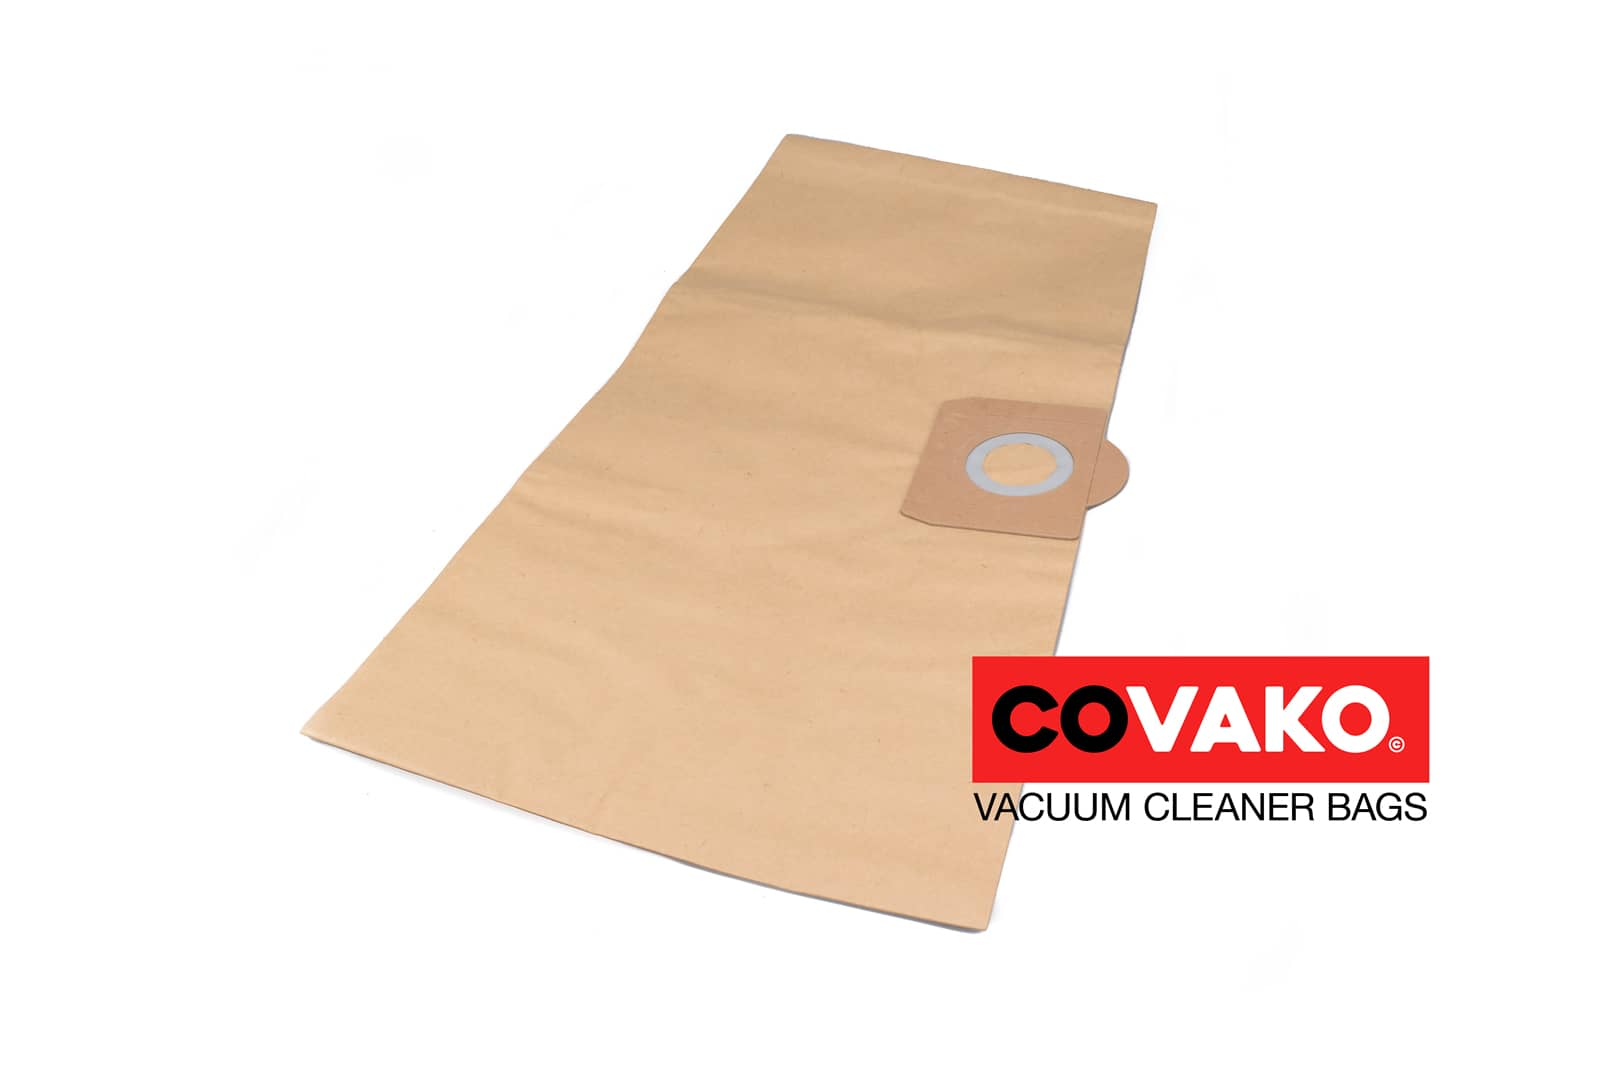 AquaVac Boxter 30 S / Paper - AquaVac vacuum cleaner bags